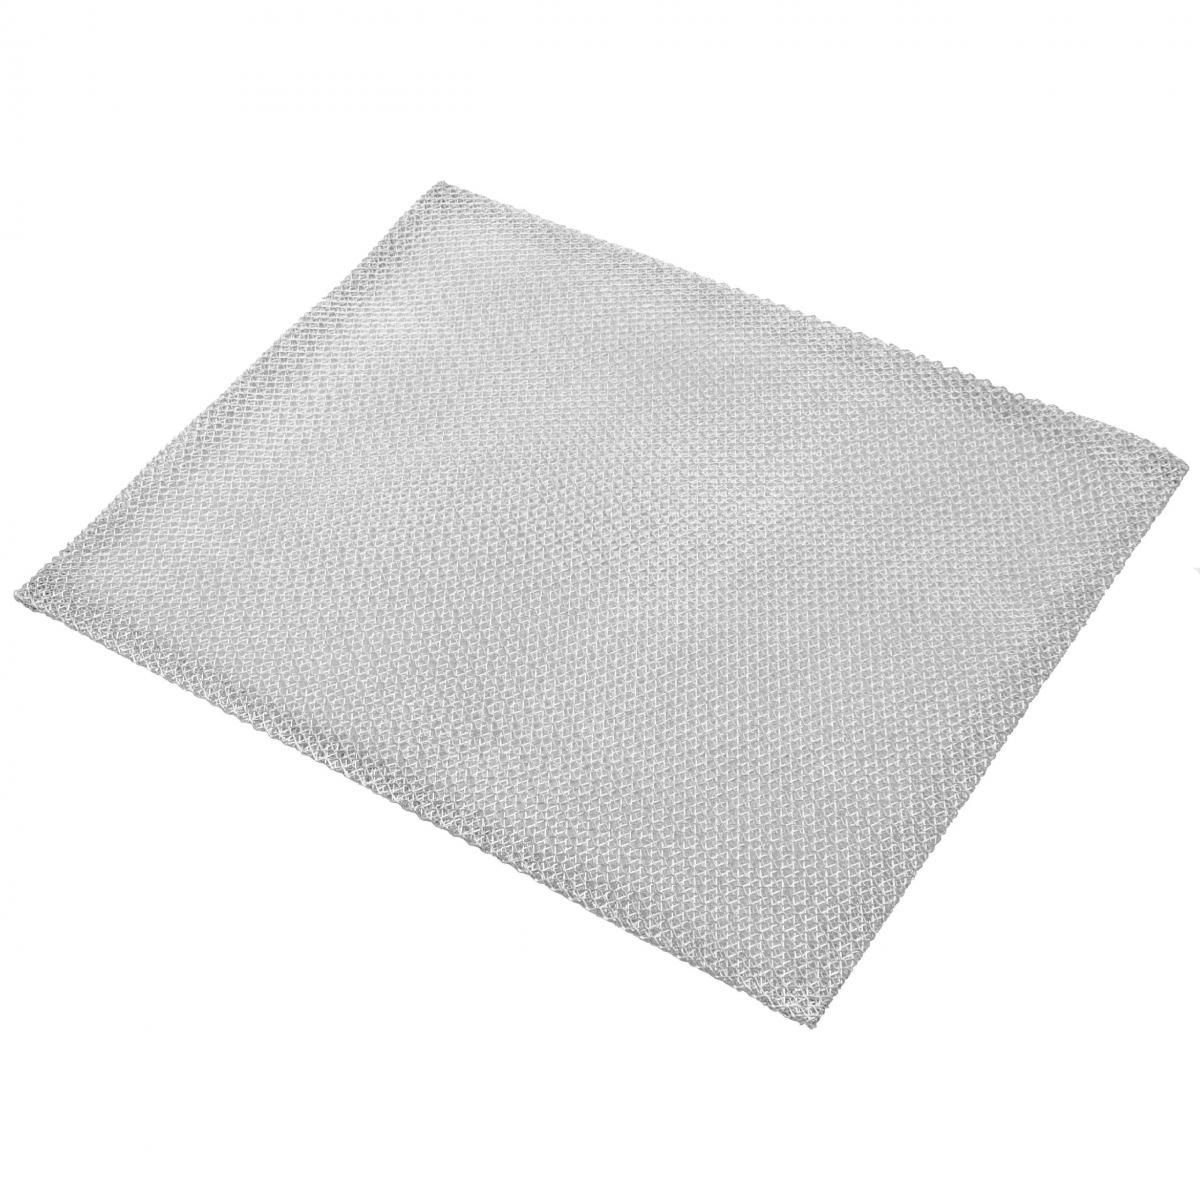 Vhbw vhbw Filtrepermanent filtre à graisse métallique 30 x 23,6 x 0,3cm convient pour Whirlpool AKR 673 857867301130 hottes d